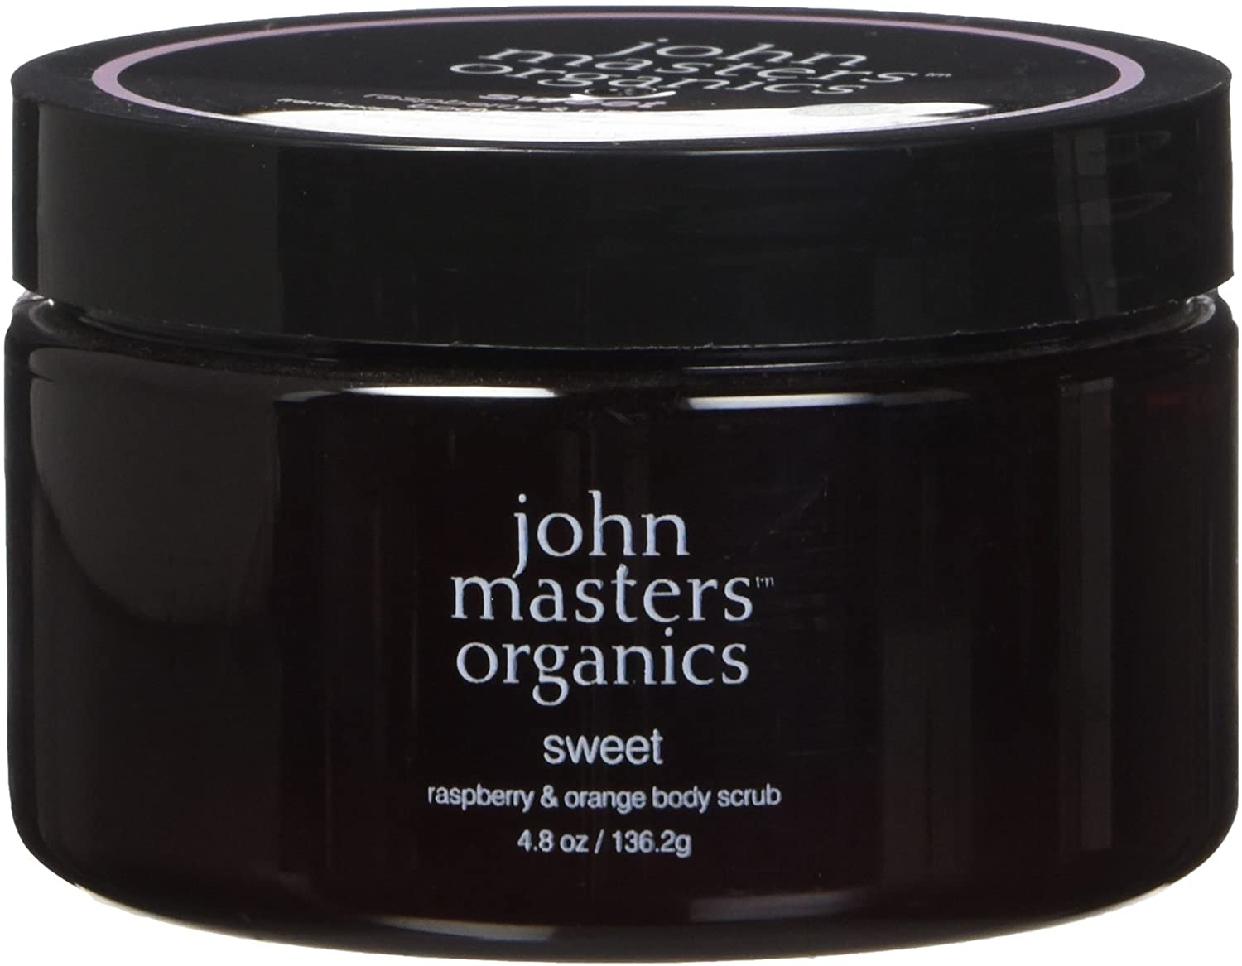 john masters organics(ジョンマスターオーガニック)ボディスクラブの商品画像2